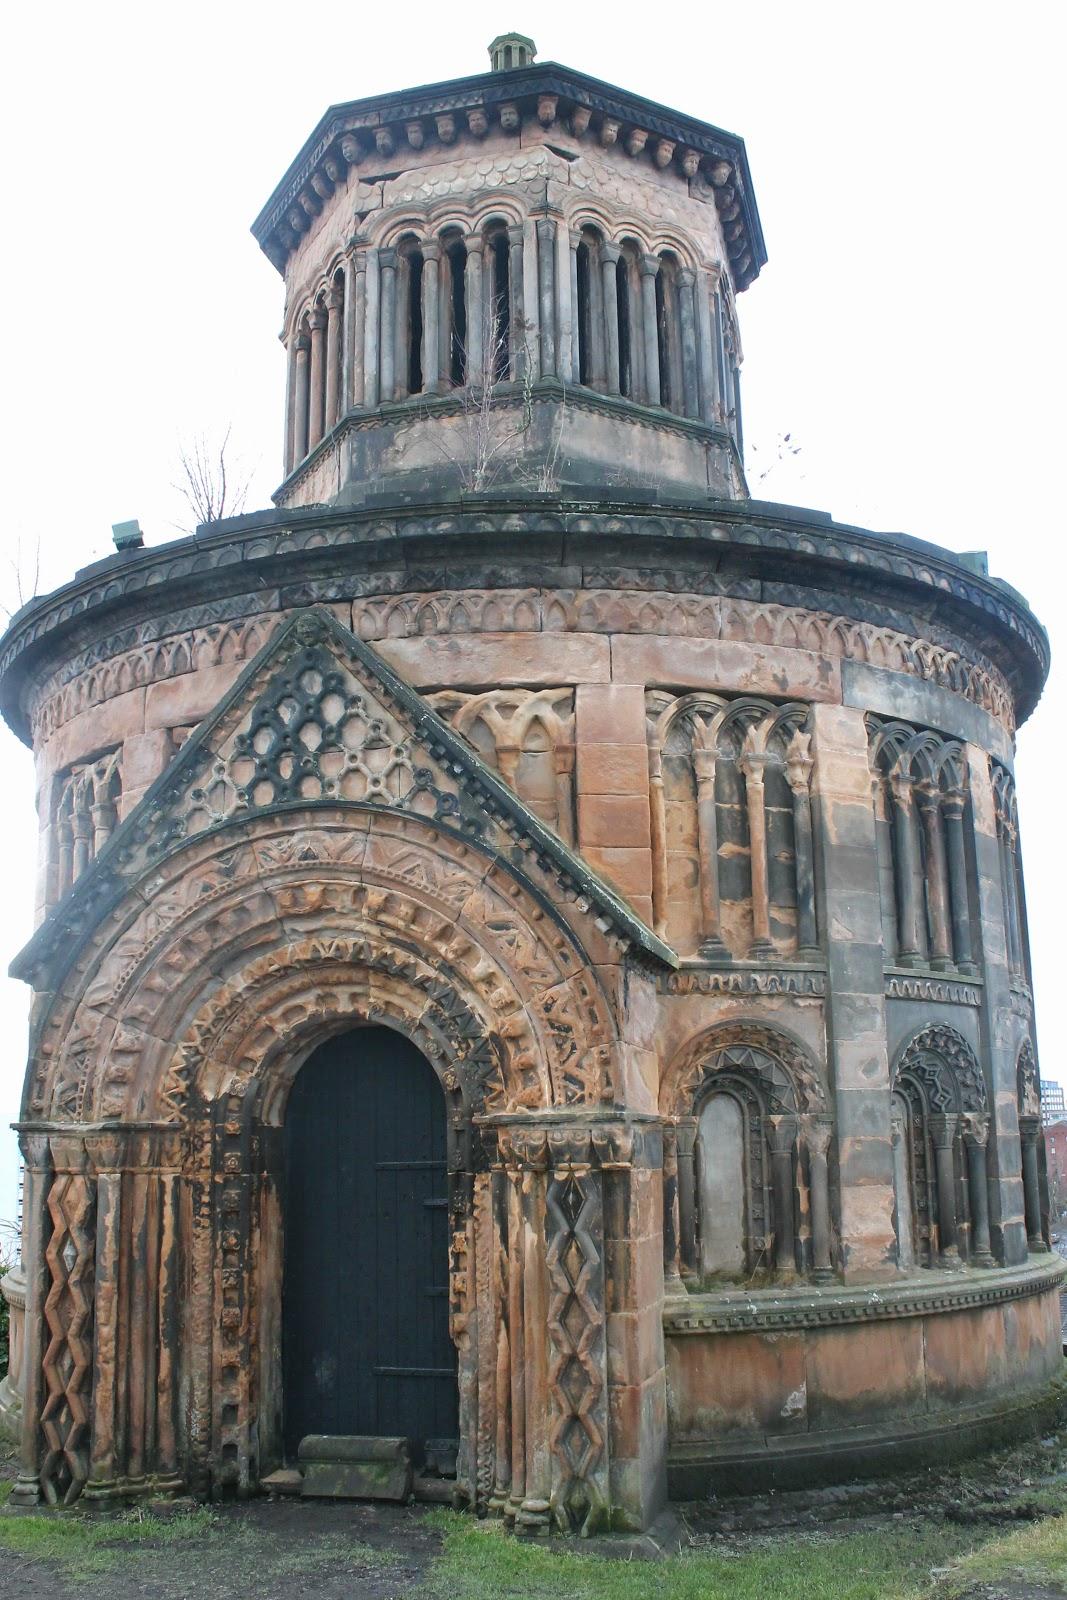 Glasgow Necropolis tomb